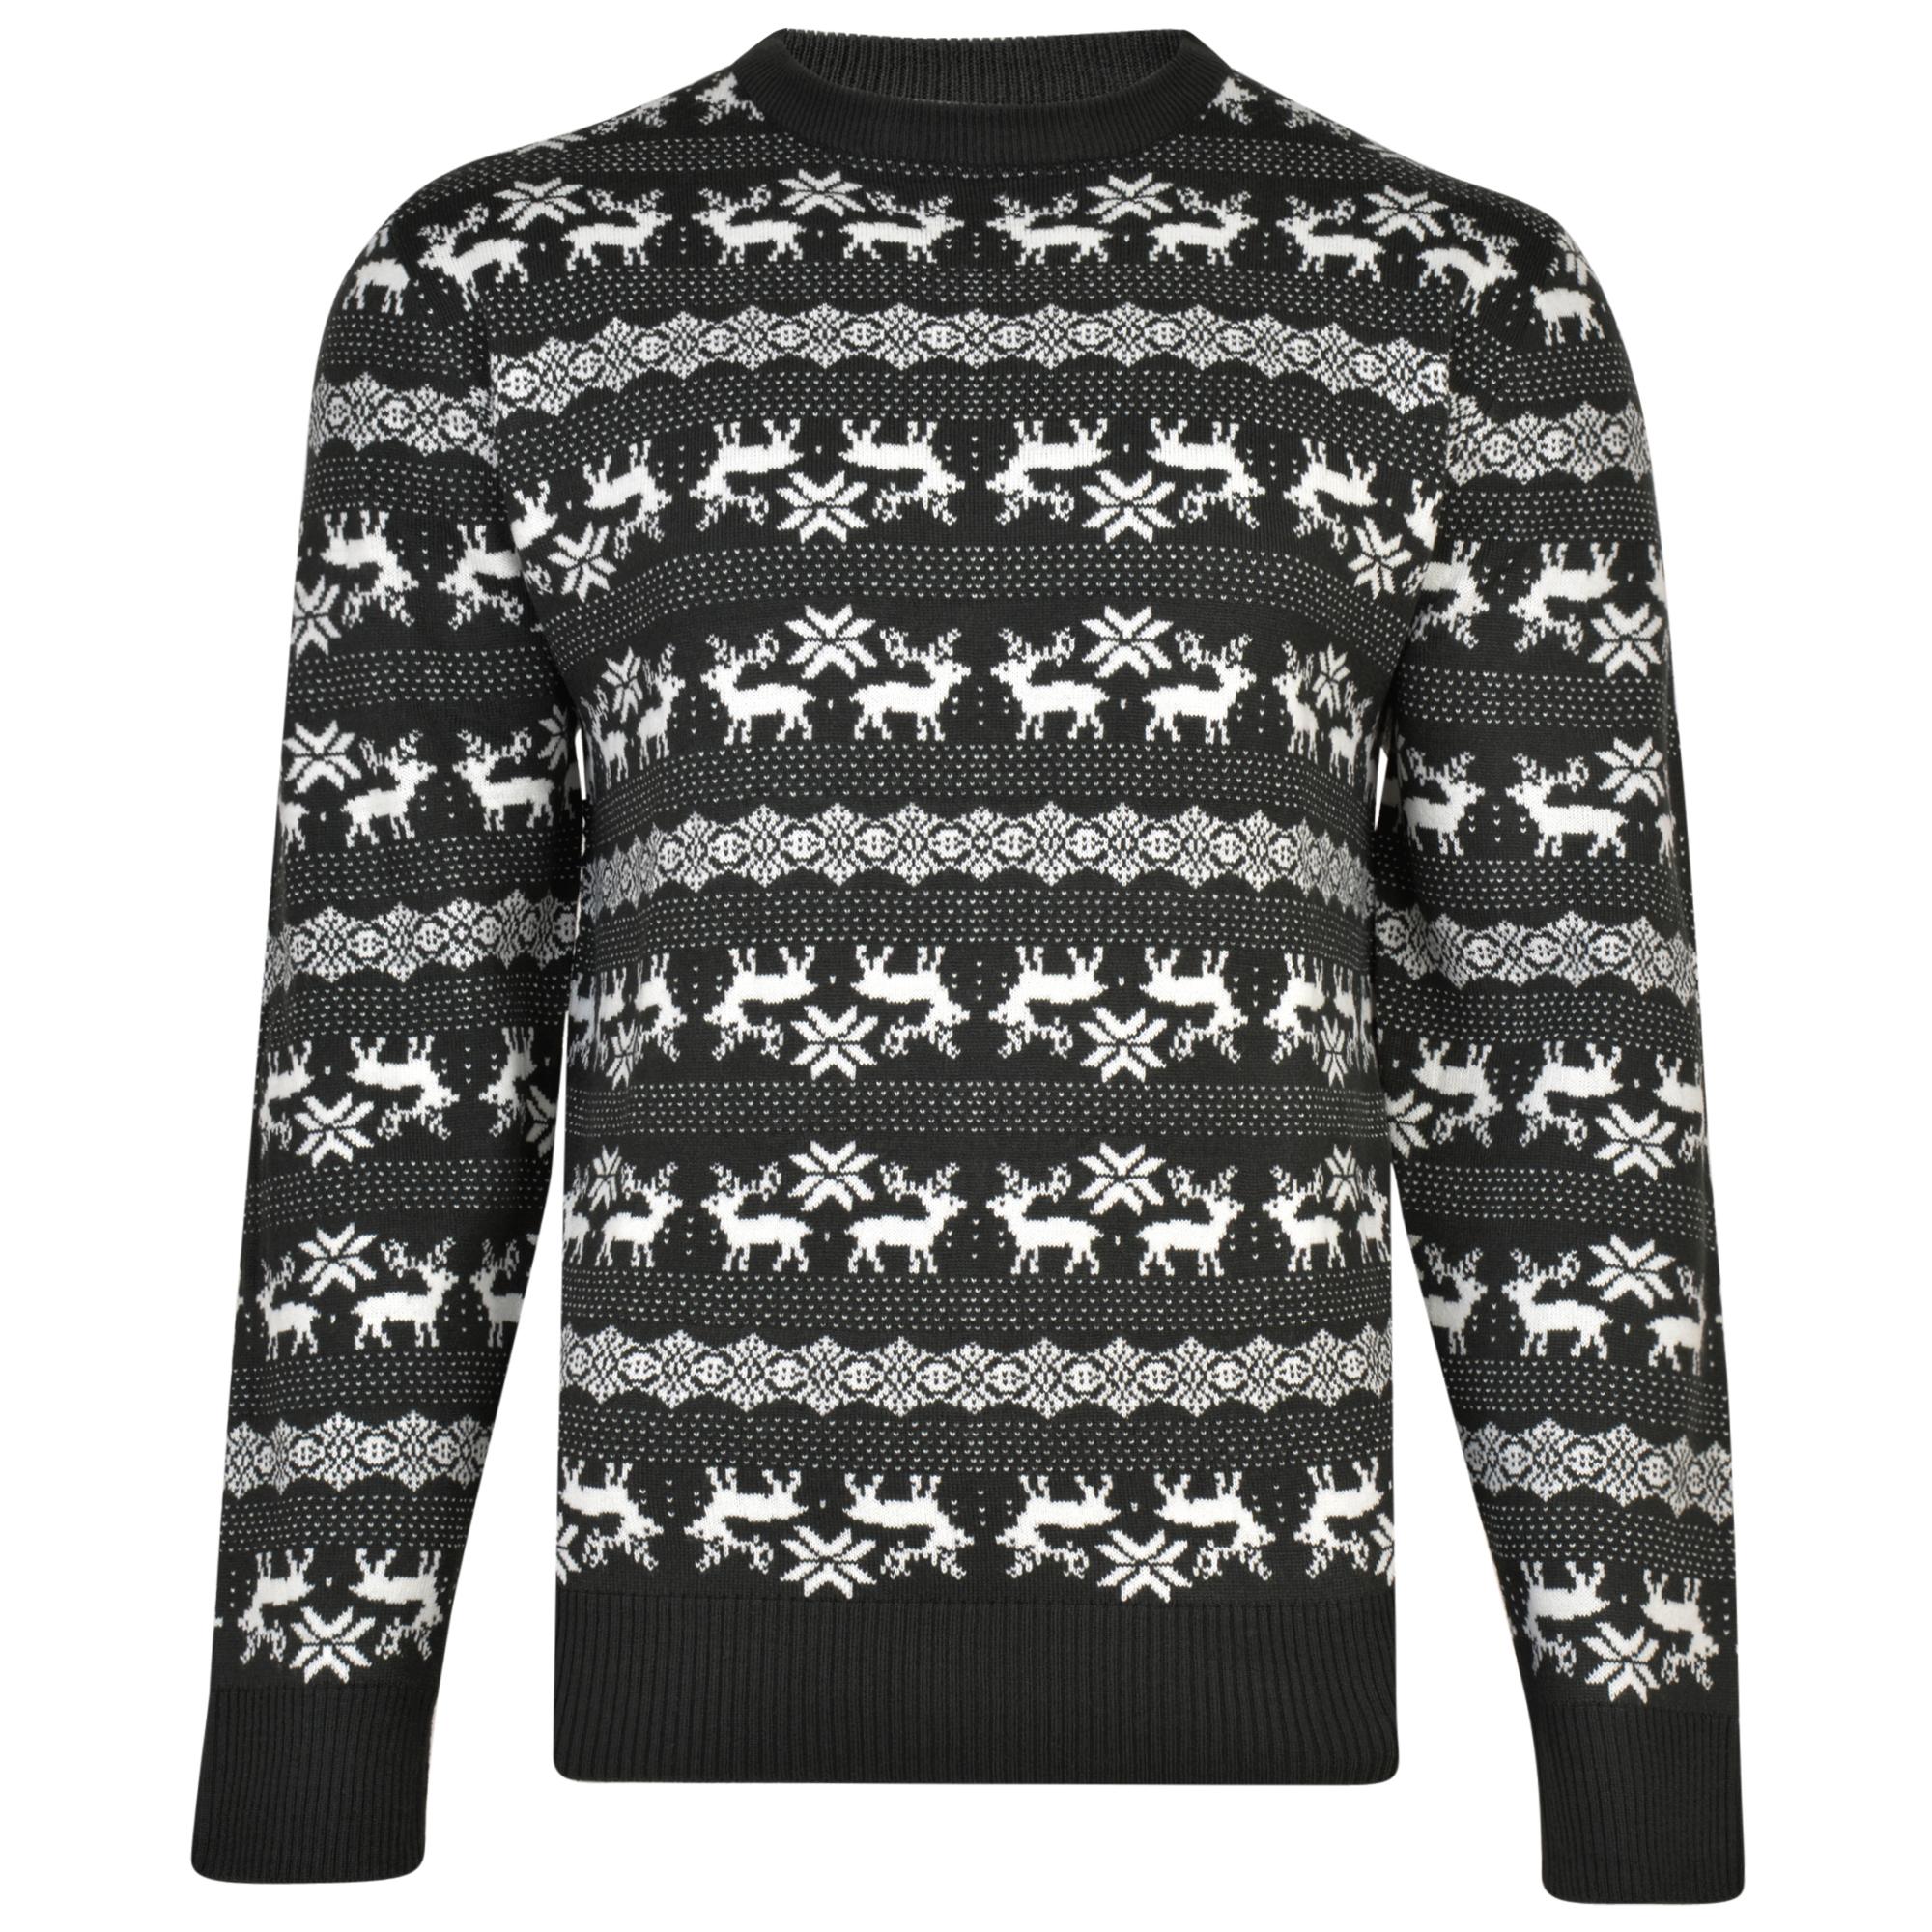 Kerst trui met rendiermotief van merk KAM Jeanswear in de kleur charcoal, gemaakt van acryl.